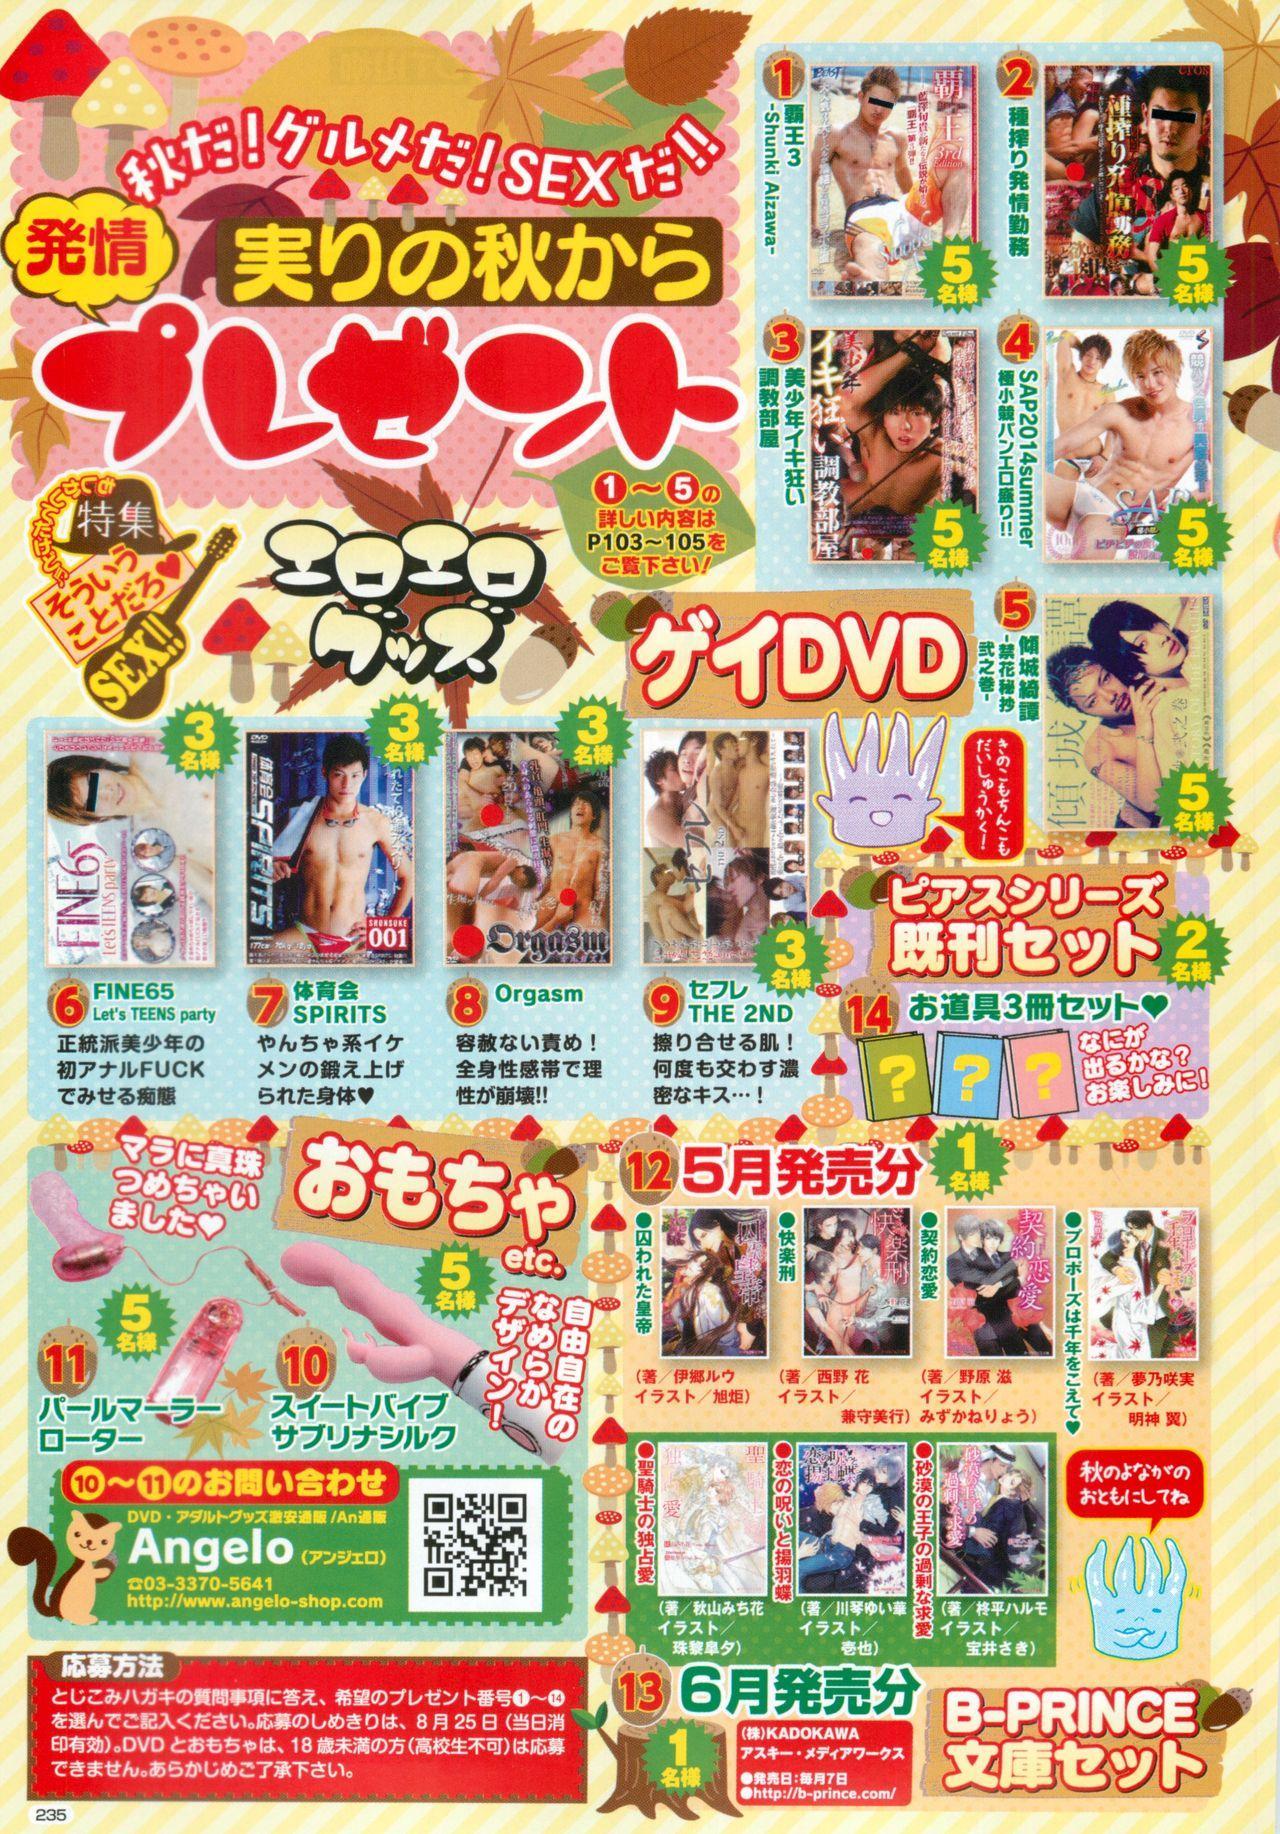 BOY'S ピアス 2014-09 234